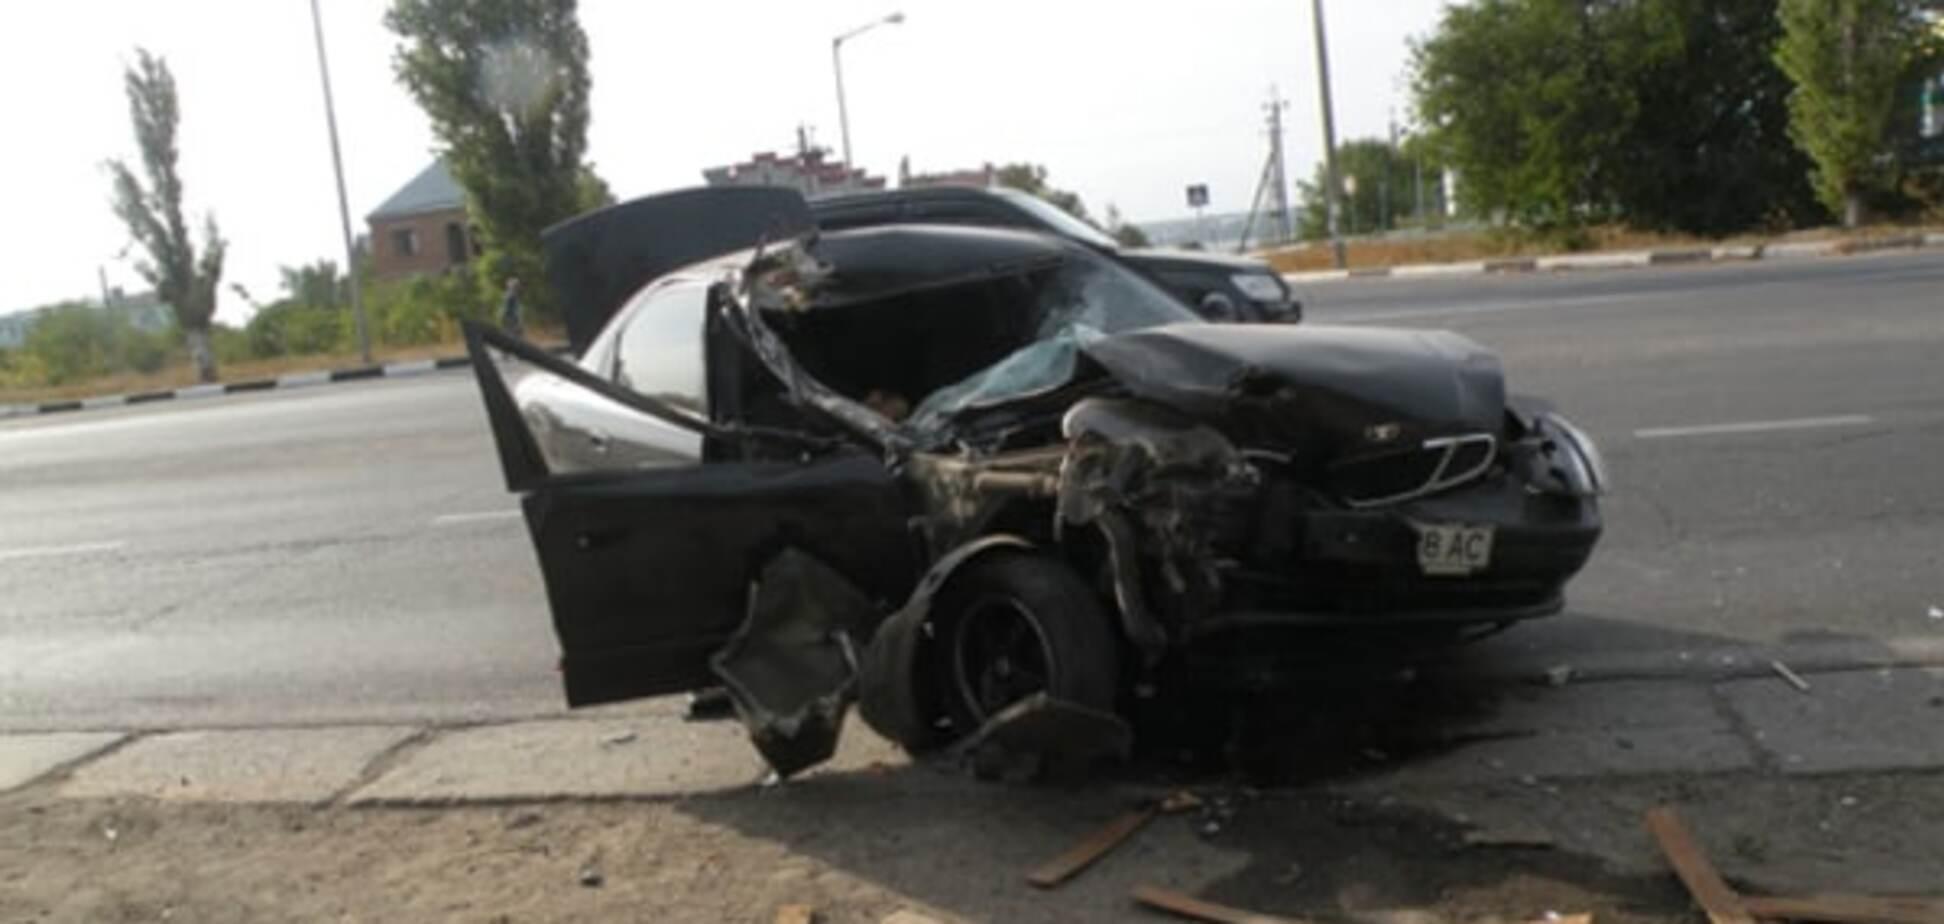 Смертельная авария в Николаеве: Daewoo протаранил прицеп КАМАЗа